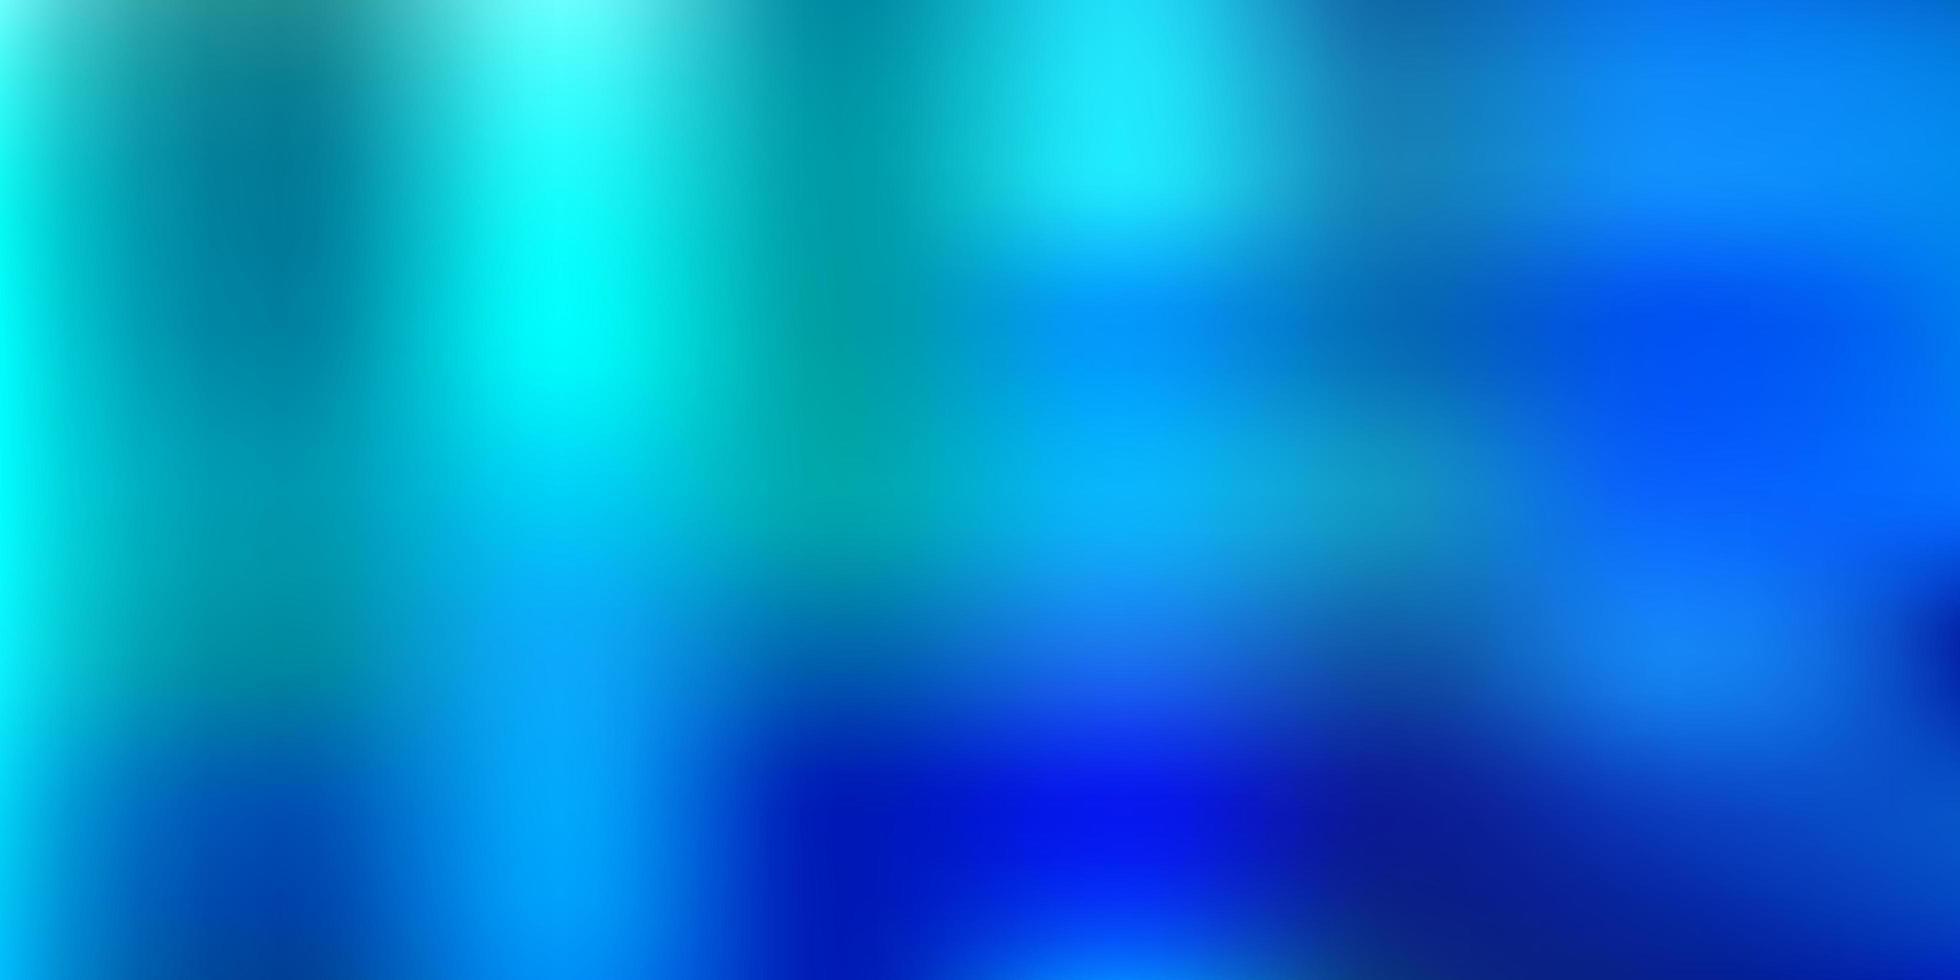 ljusblå vektor abstrakt oskärpa bakgrund.